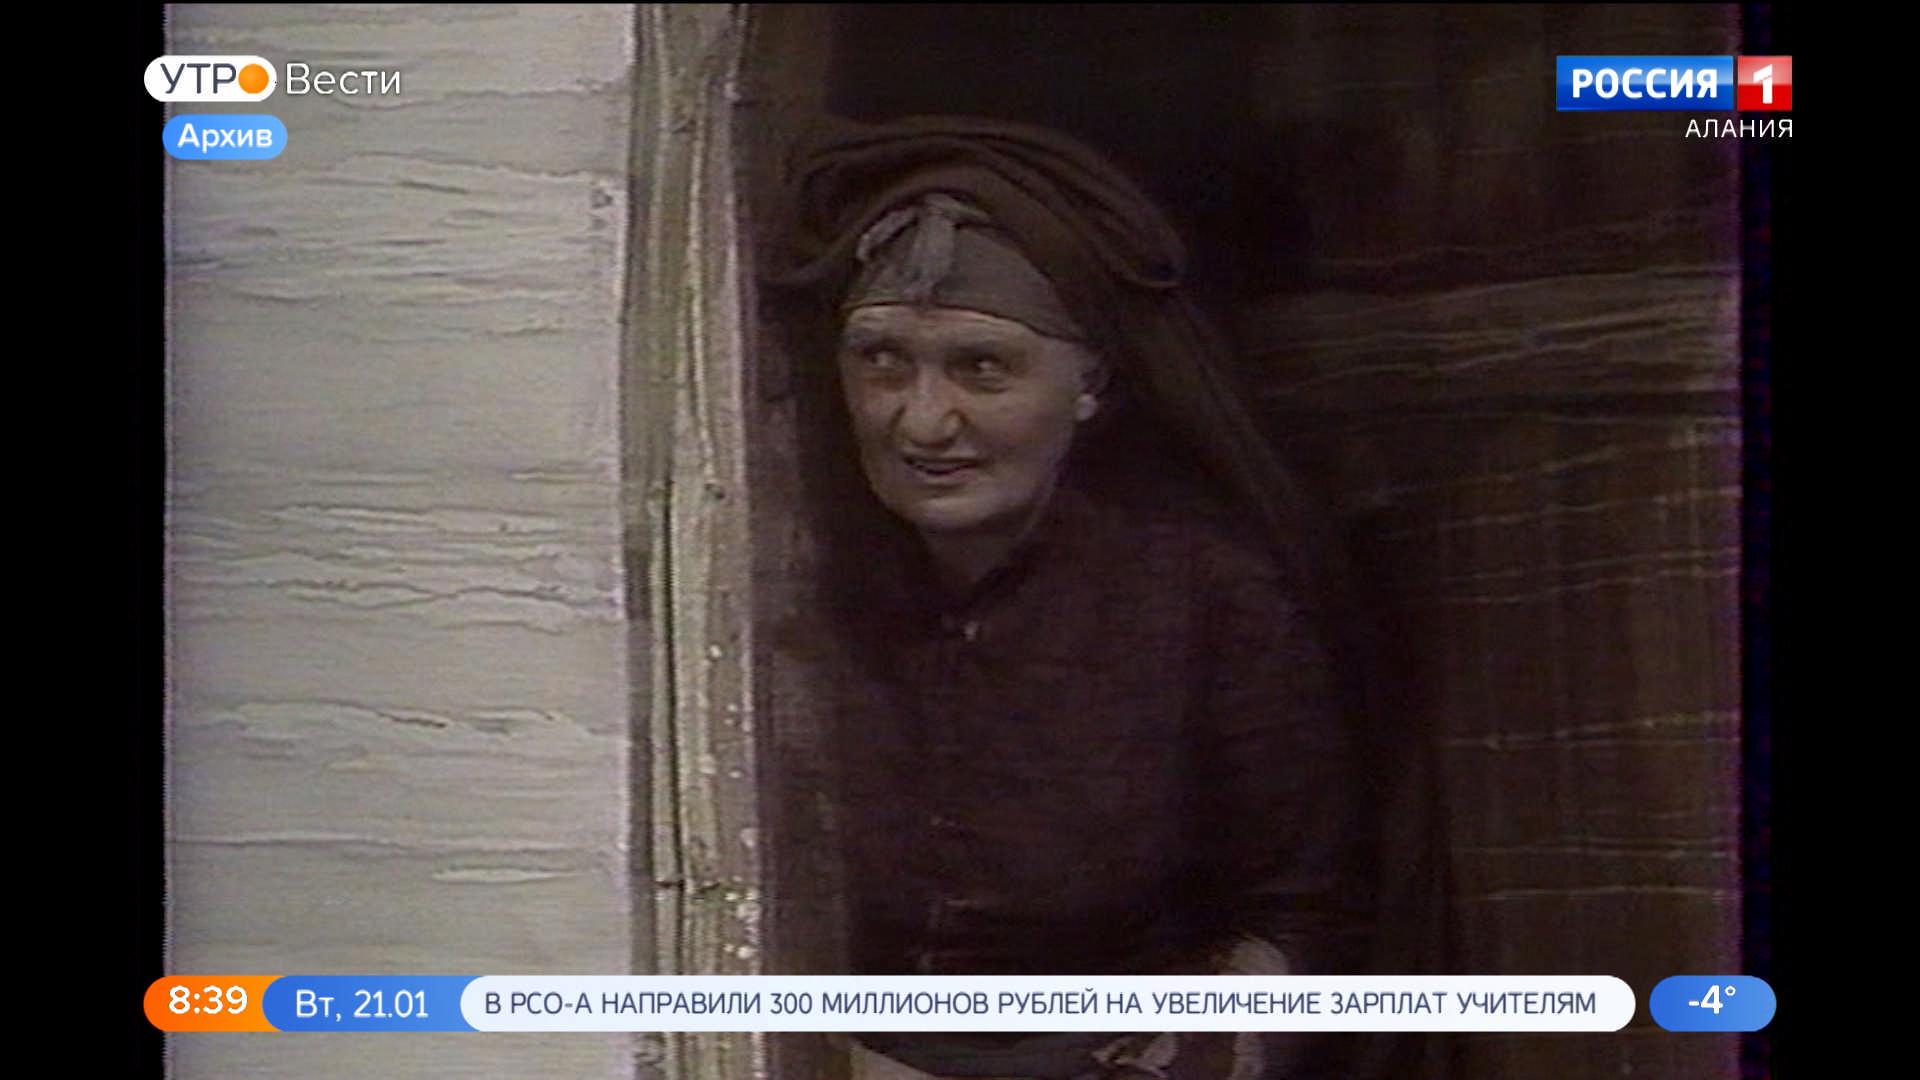 Северная Осетия сегодня прощается с Народной артисткой РСО-А Бертой Икаевой